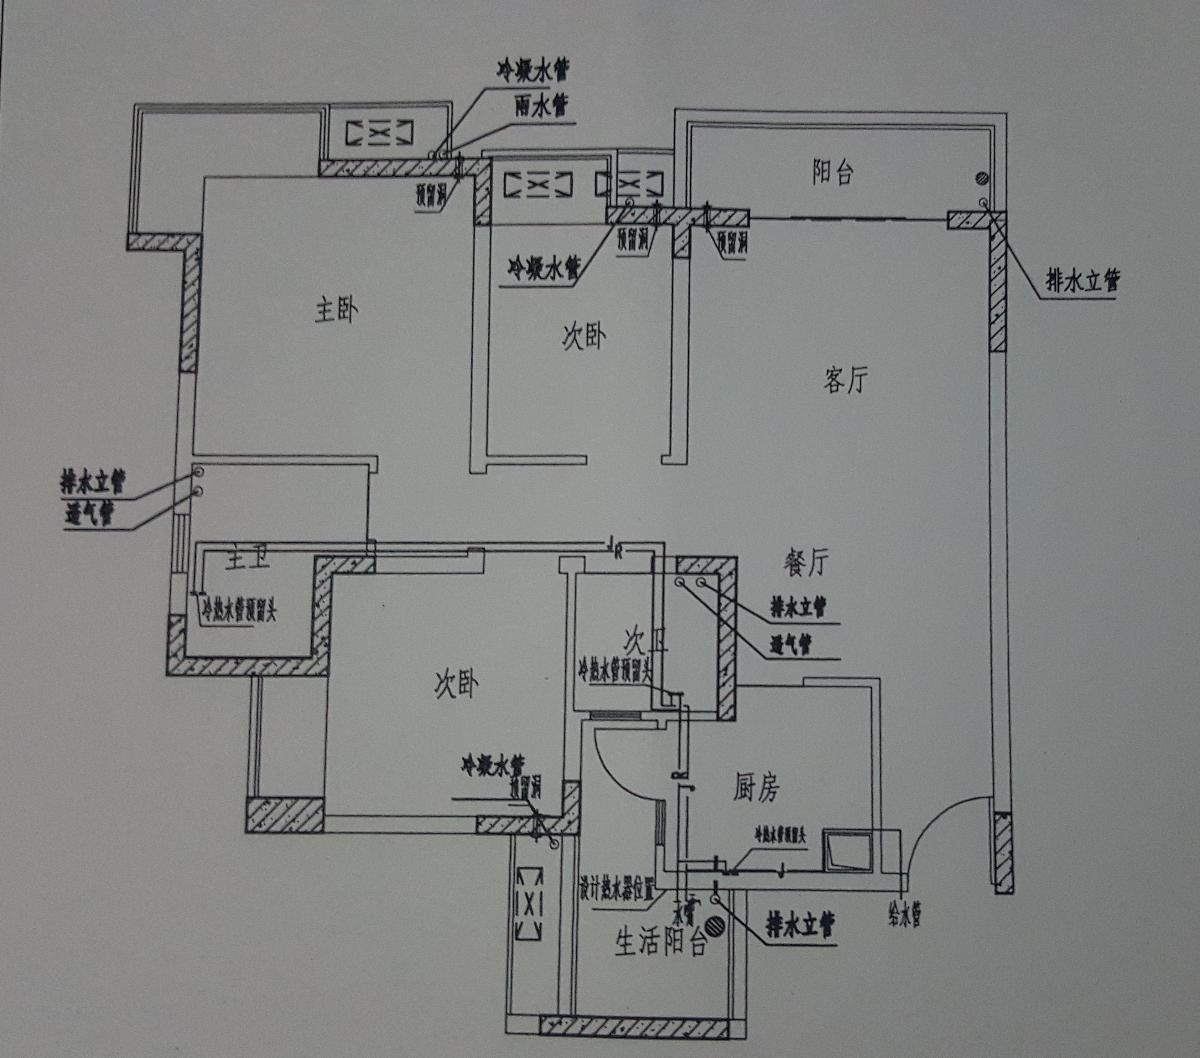 ta7698引脚电路图